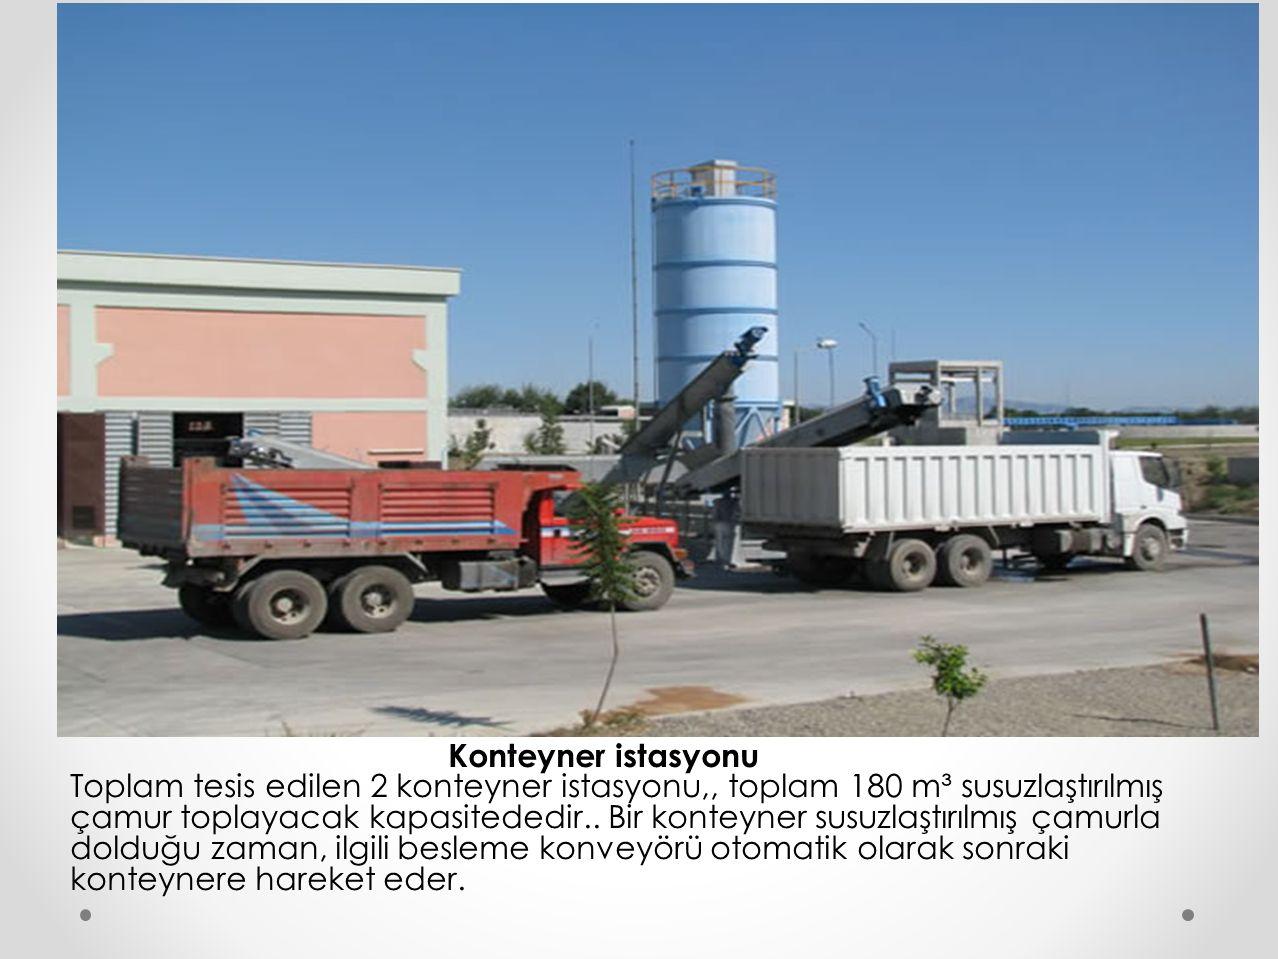 Konteyner istasyonu Toplam tesis edilen 2 konteyner istasyonu,, toplam 180 m³ susuzlaştırılmış çamur toplayacak kapasitededir.. Bir konteyner susuzlaş